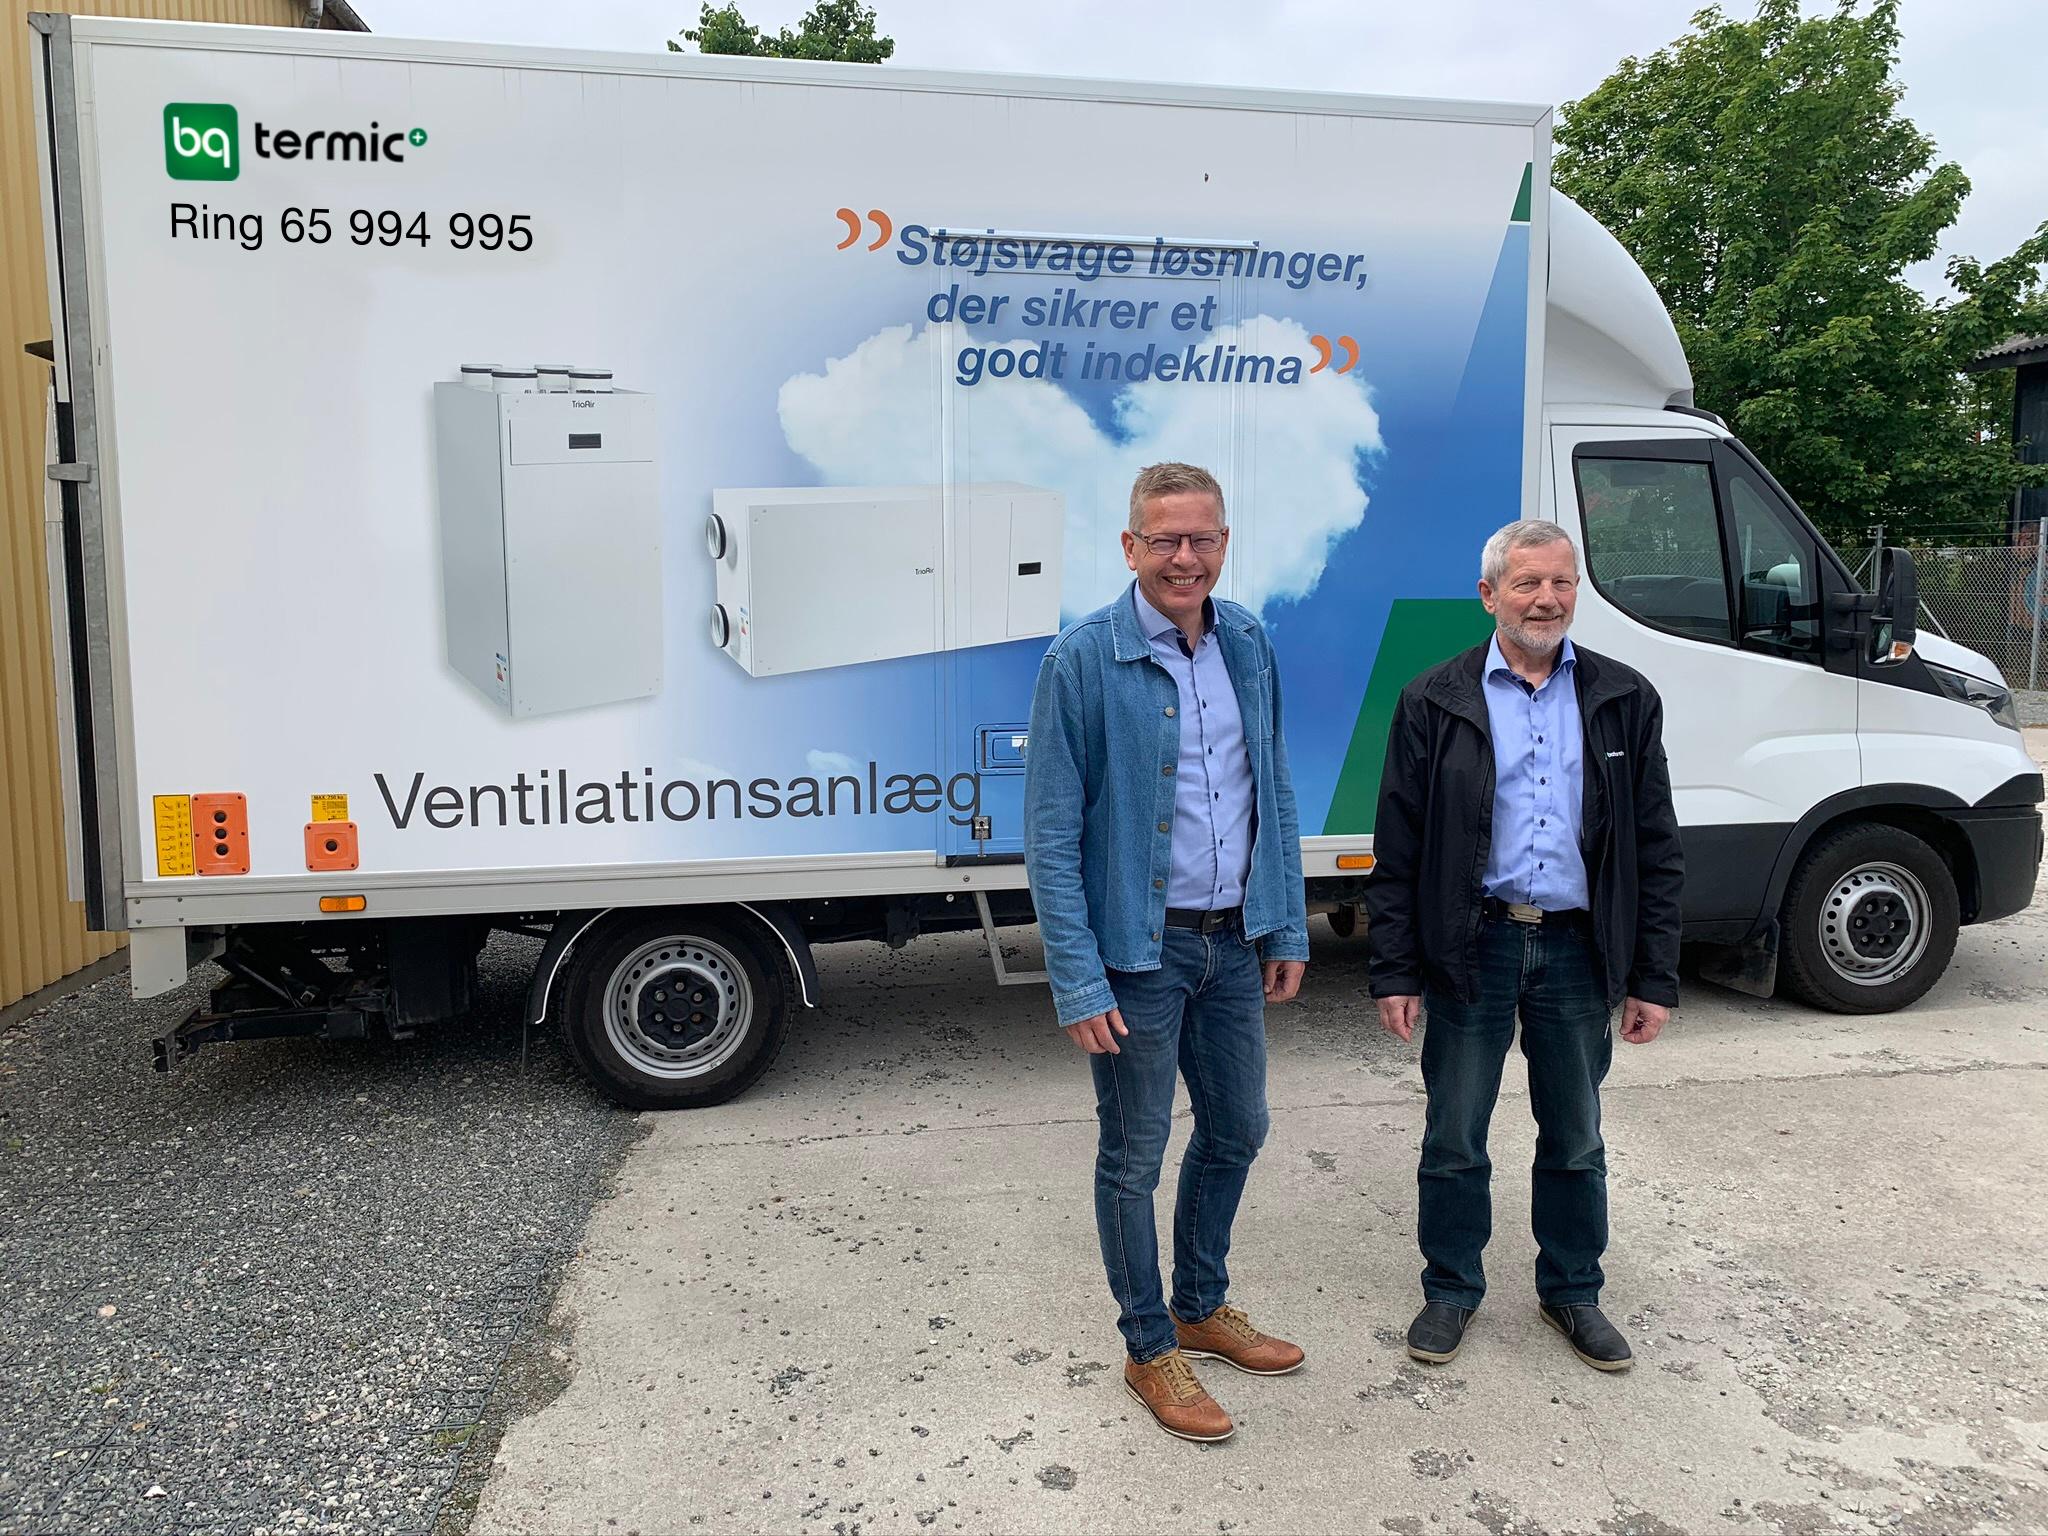 Grøn koncern sammenlægger ventilation og biovarme under nyt navn